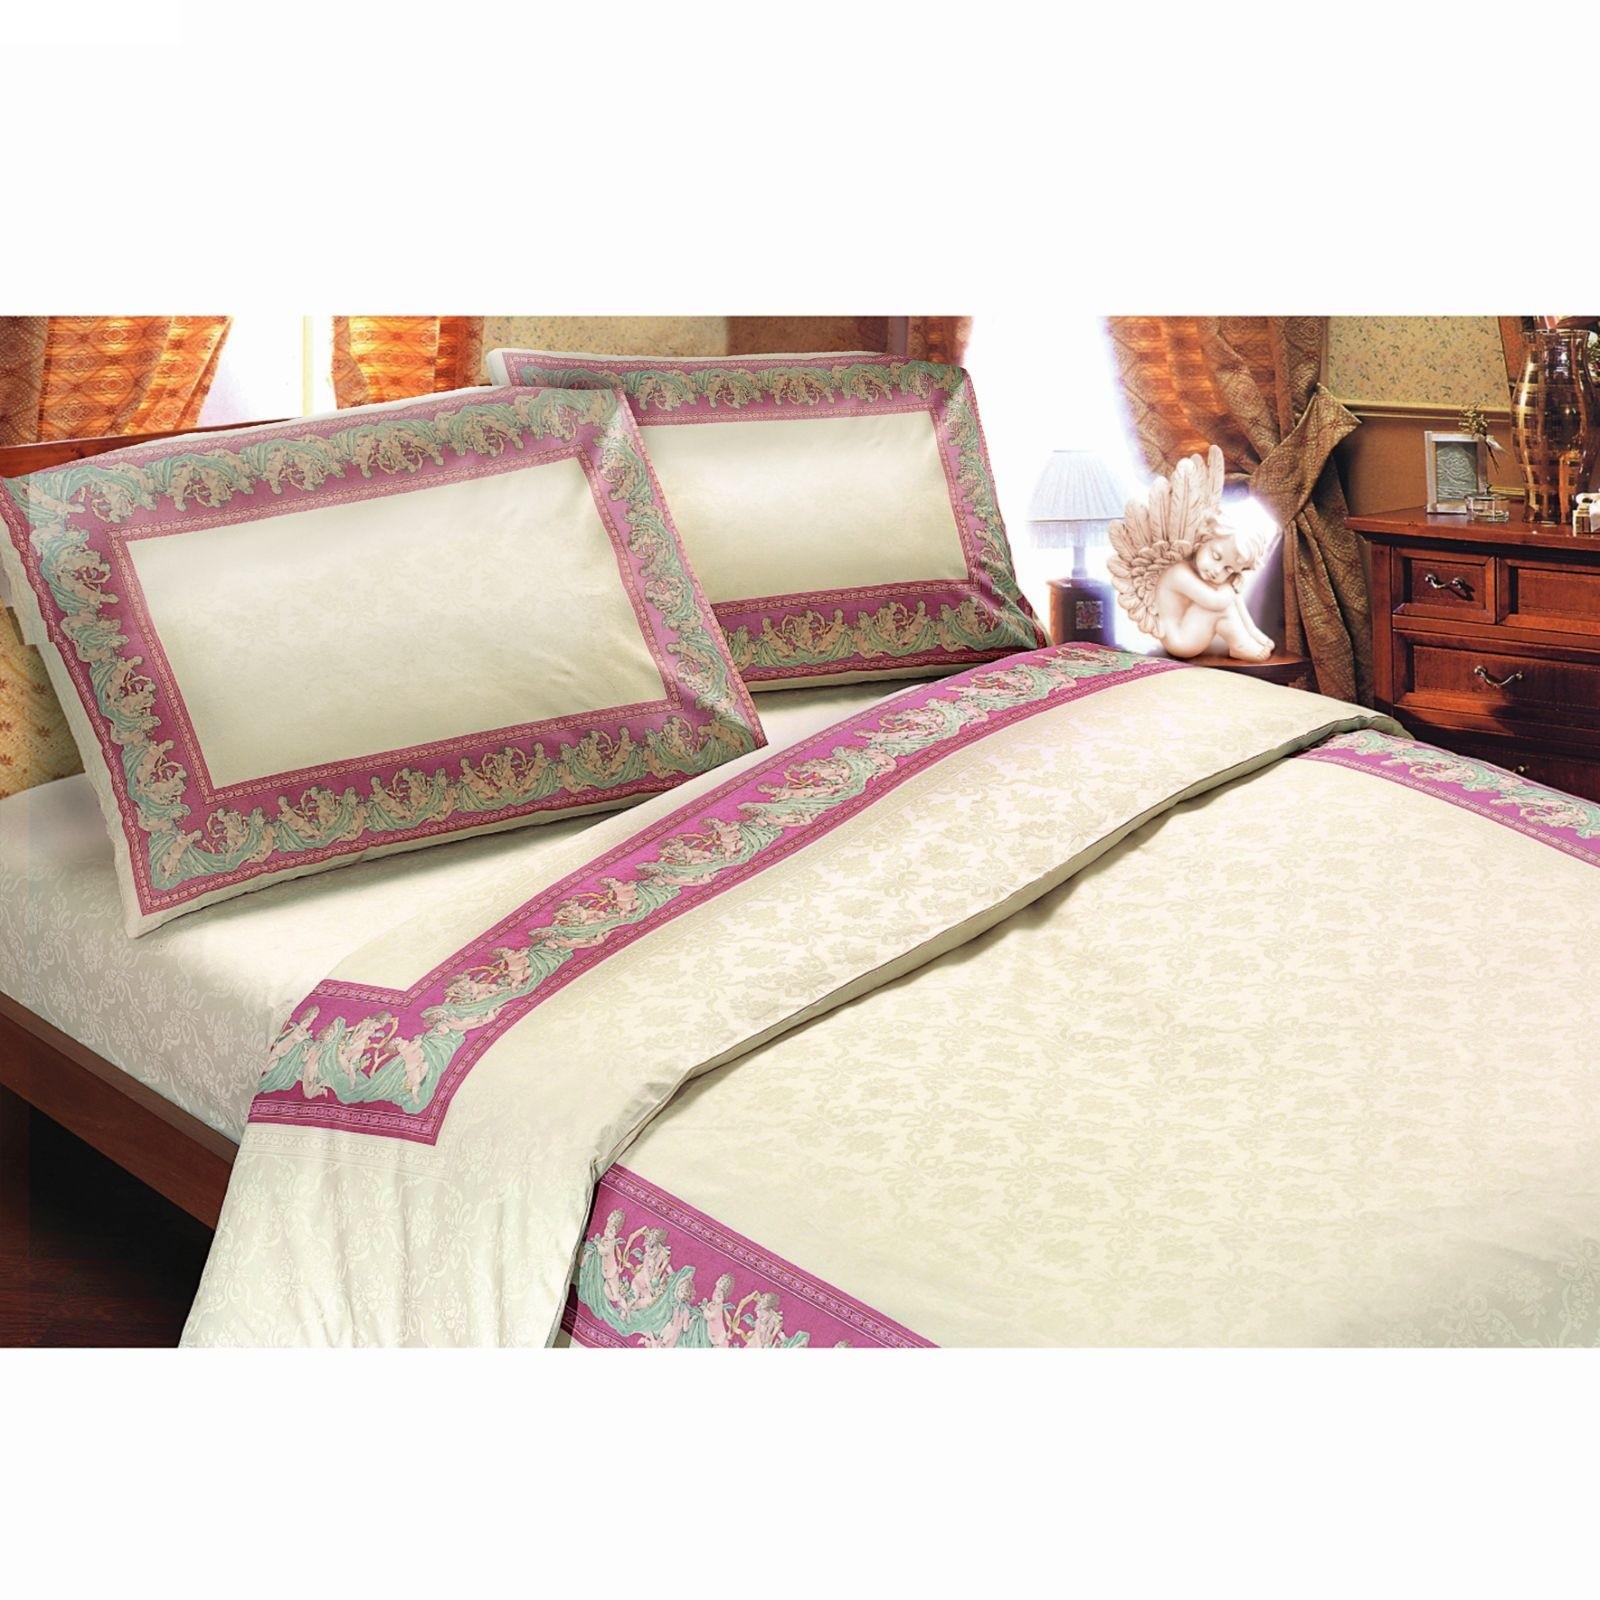 Постельное белье Этель Витраж вид 2 Комплект 1.5 спальный Бязь 1240623